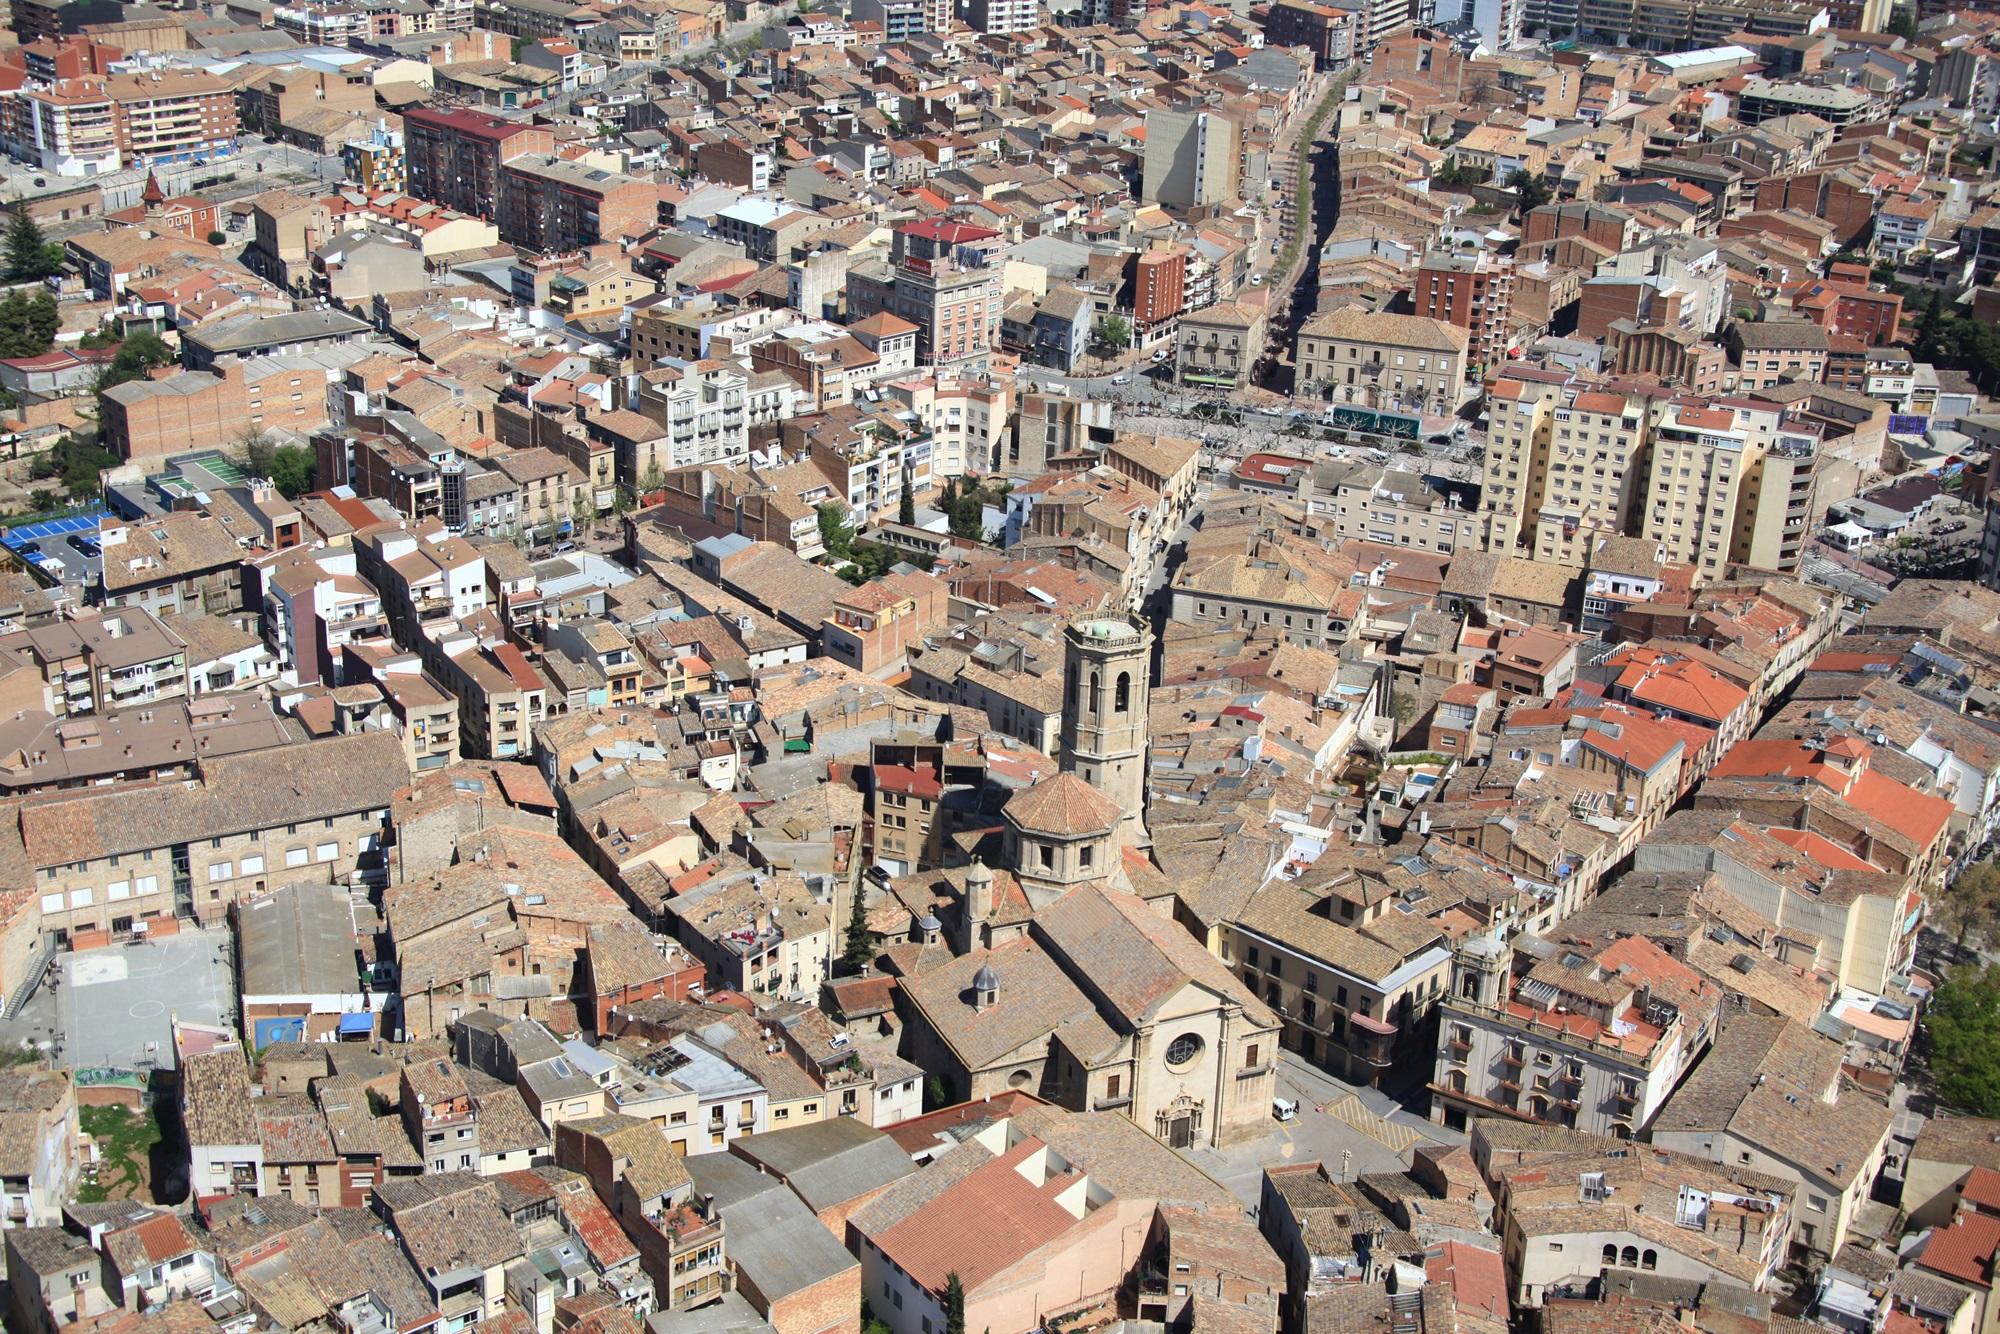 L'Ajuntament de Tàrrega preveu aprovar el divendres 28 el pressupost municipal del 2019 de  19,2 milions d'euros